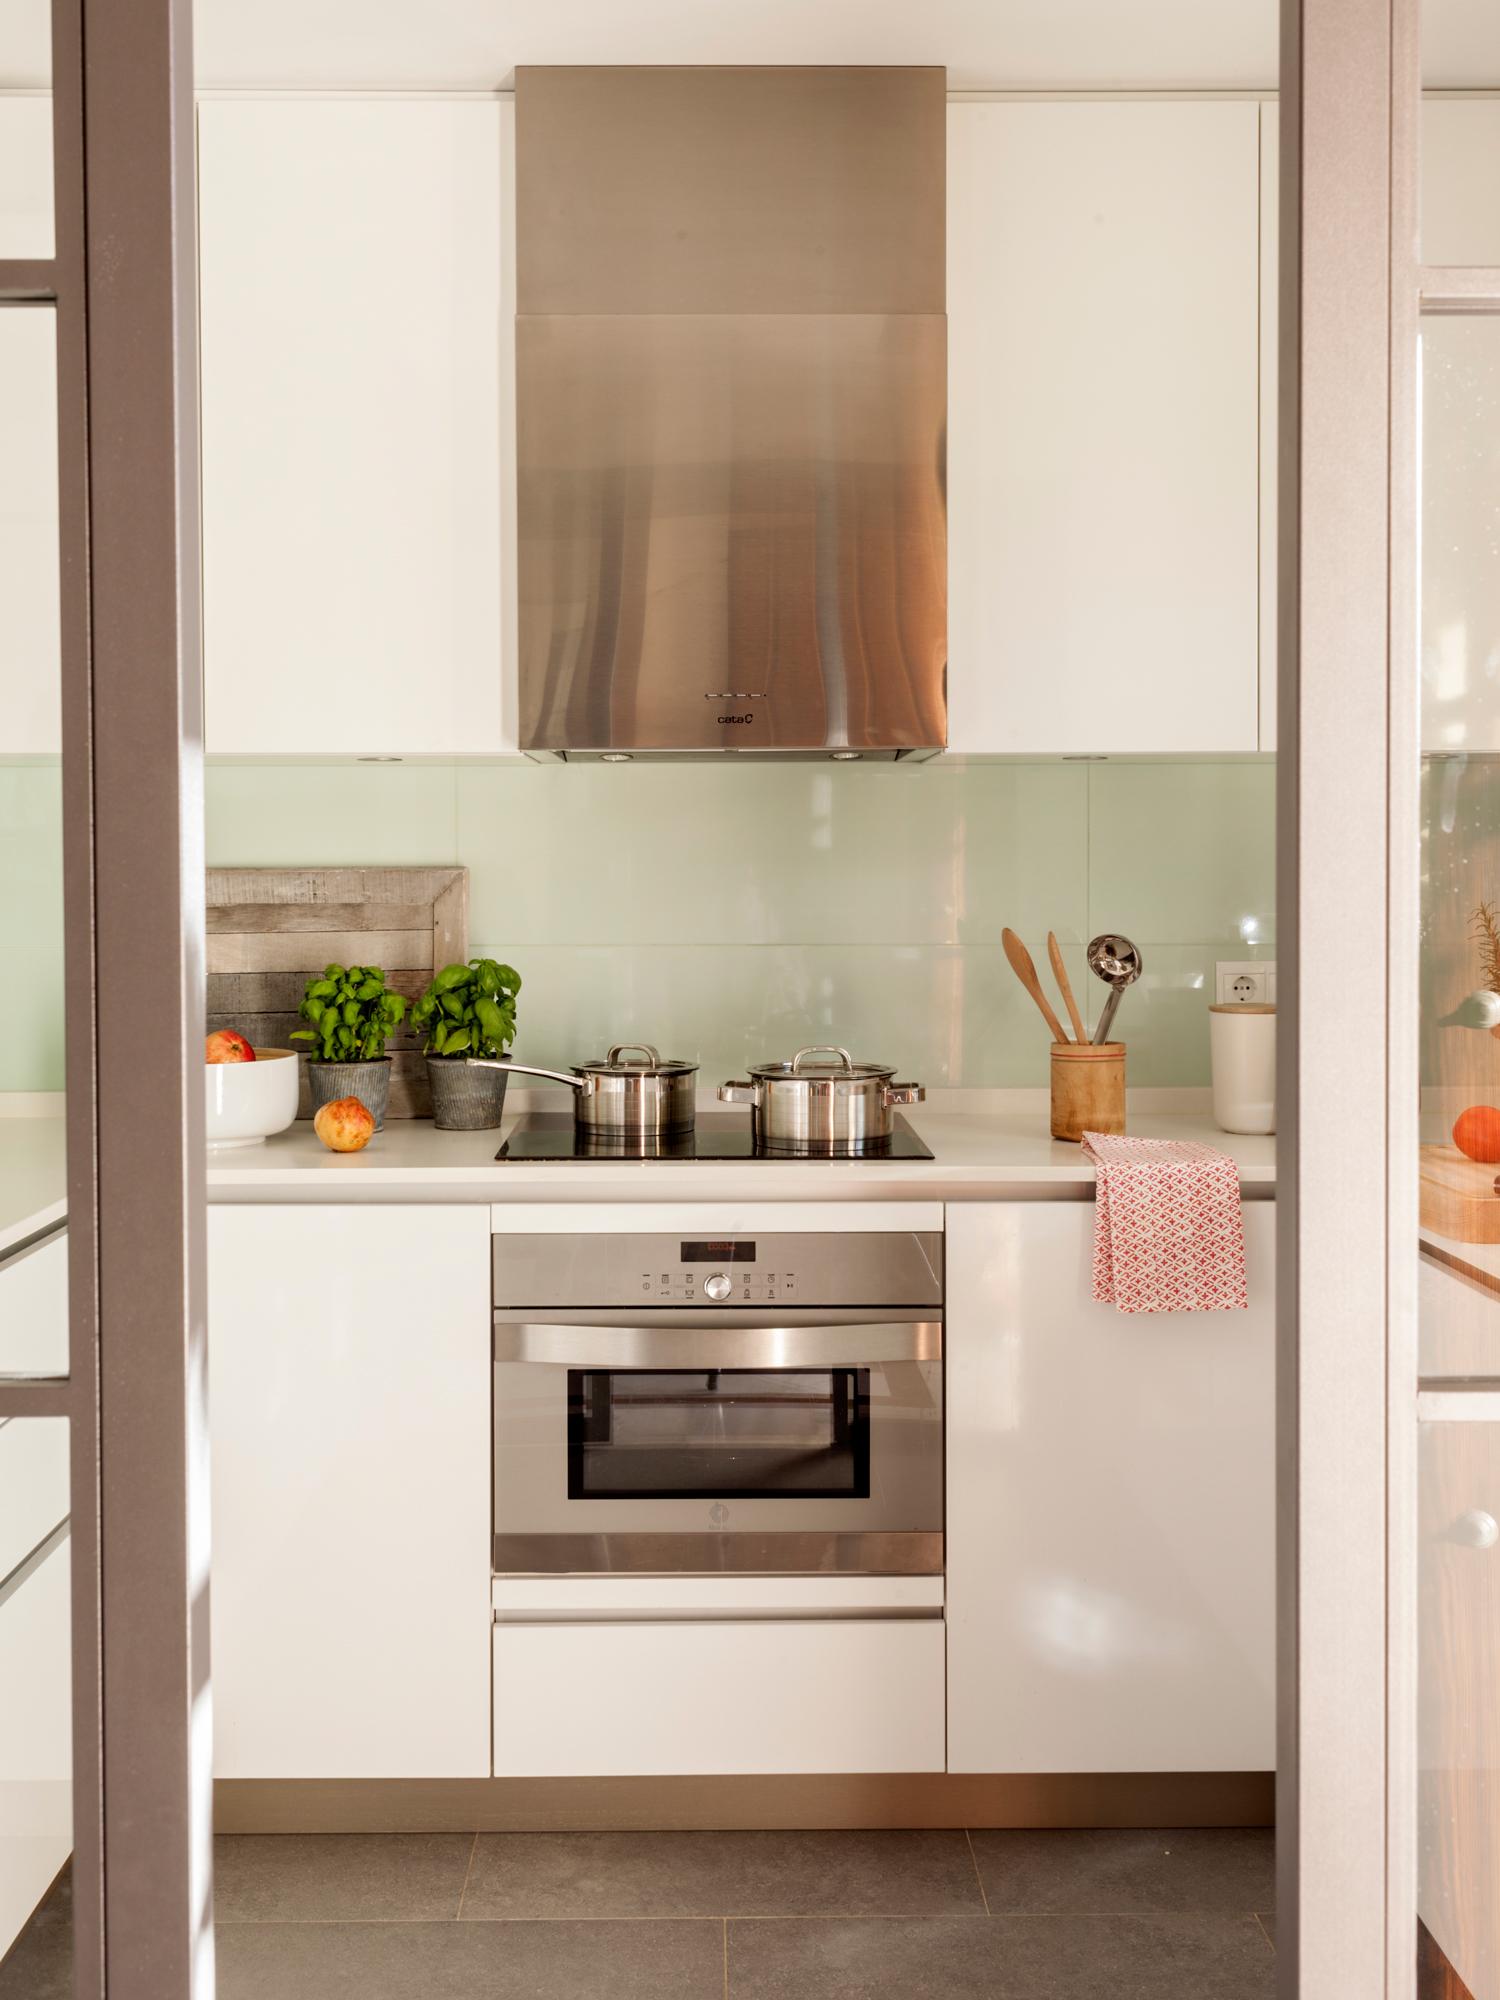 3 00423816 O. Pequeña cocina blanca con baldosas a las paredes de color verde claro_3 00423816 O